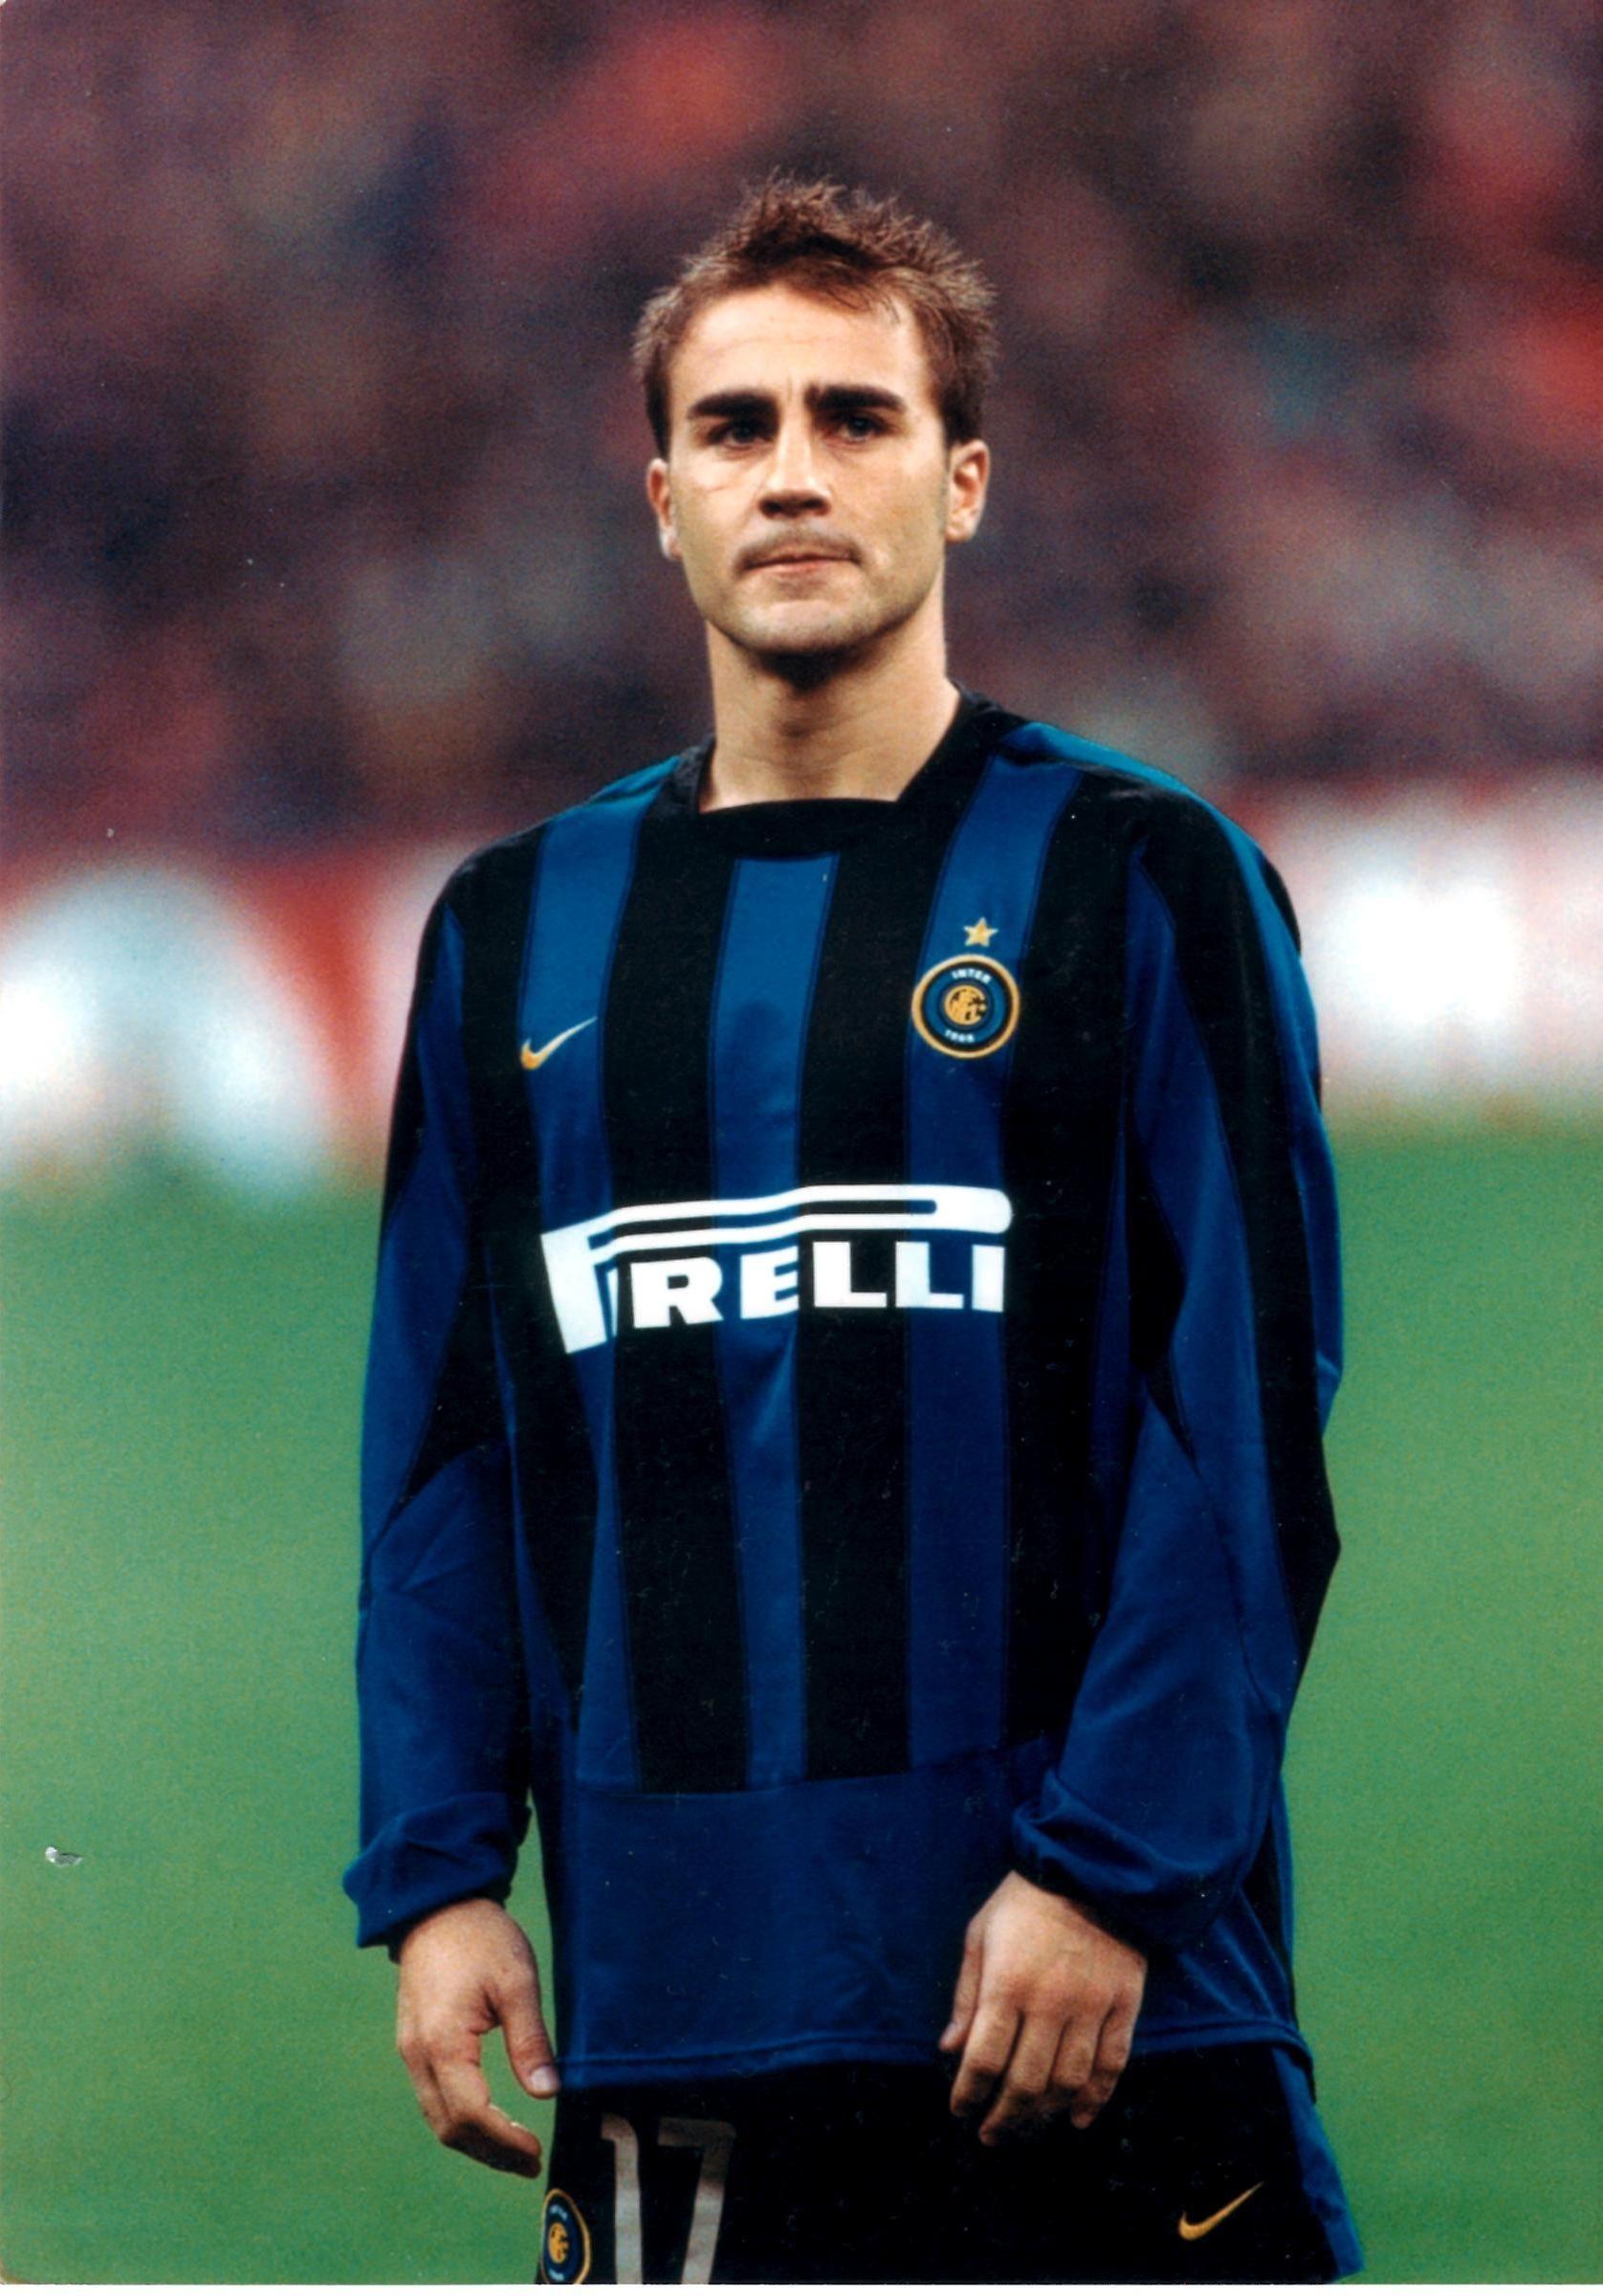 Fabio CANNAVARO Napoli 1992–1995 Parma 95–2002 INTER 2002–2004